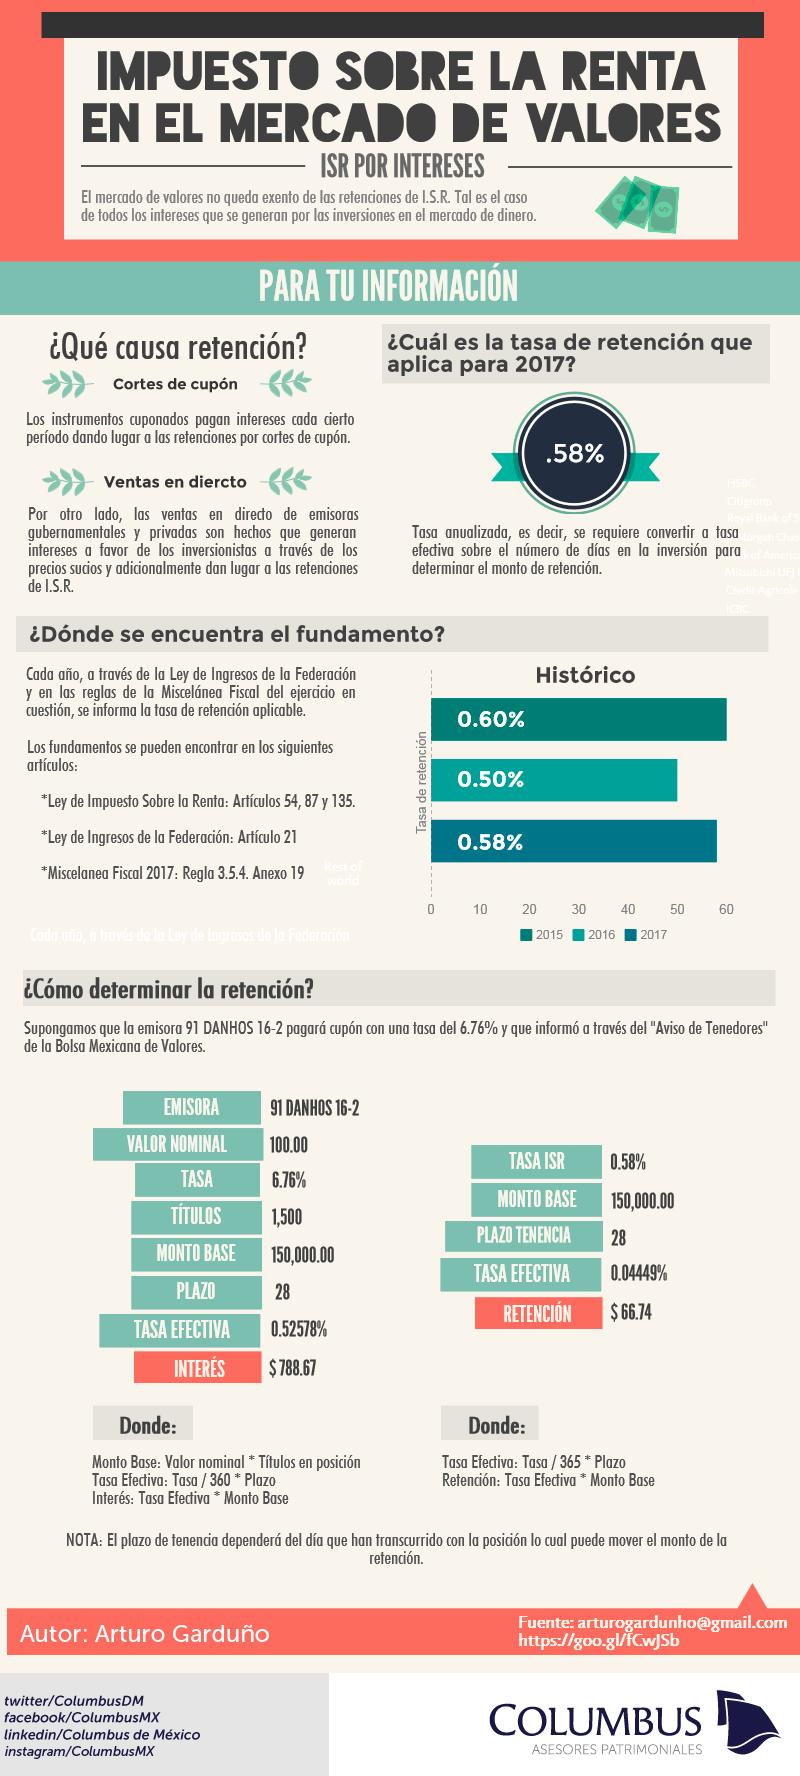 infografia-impuesto-sobre-la-renta